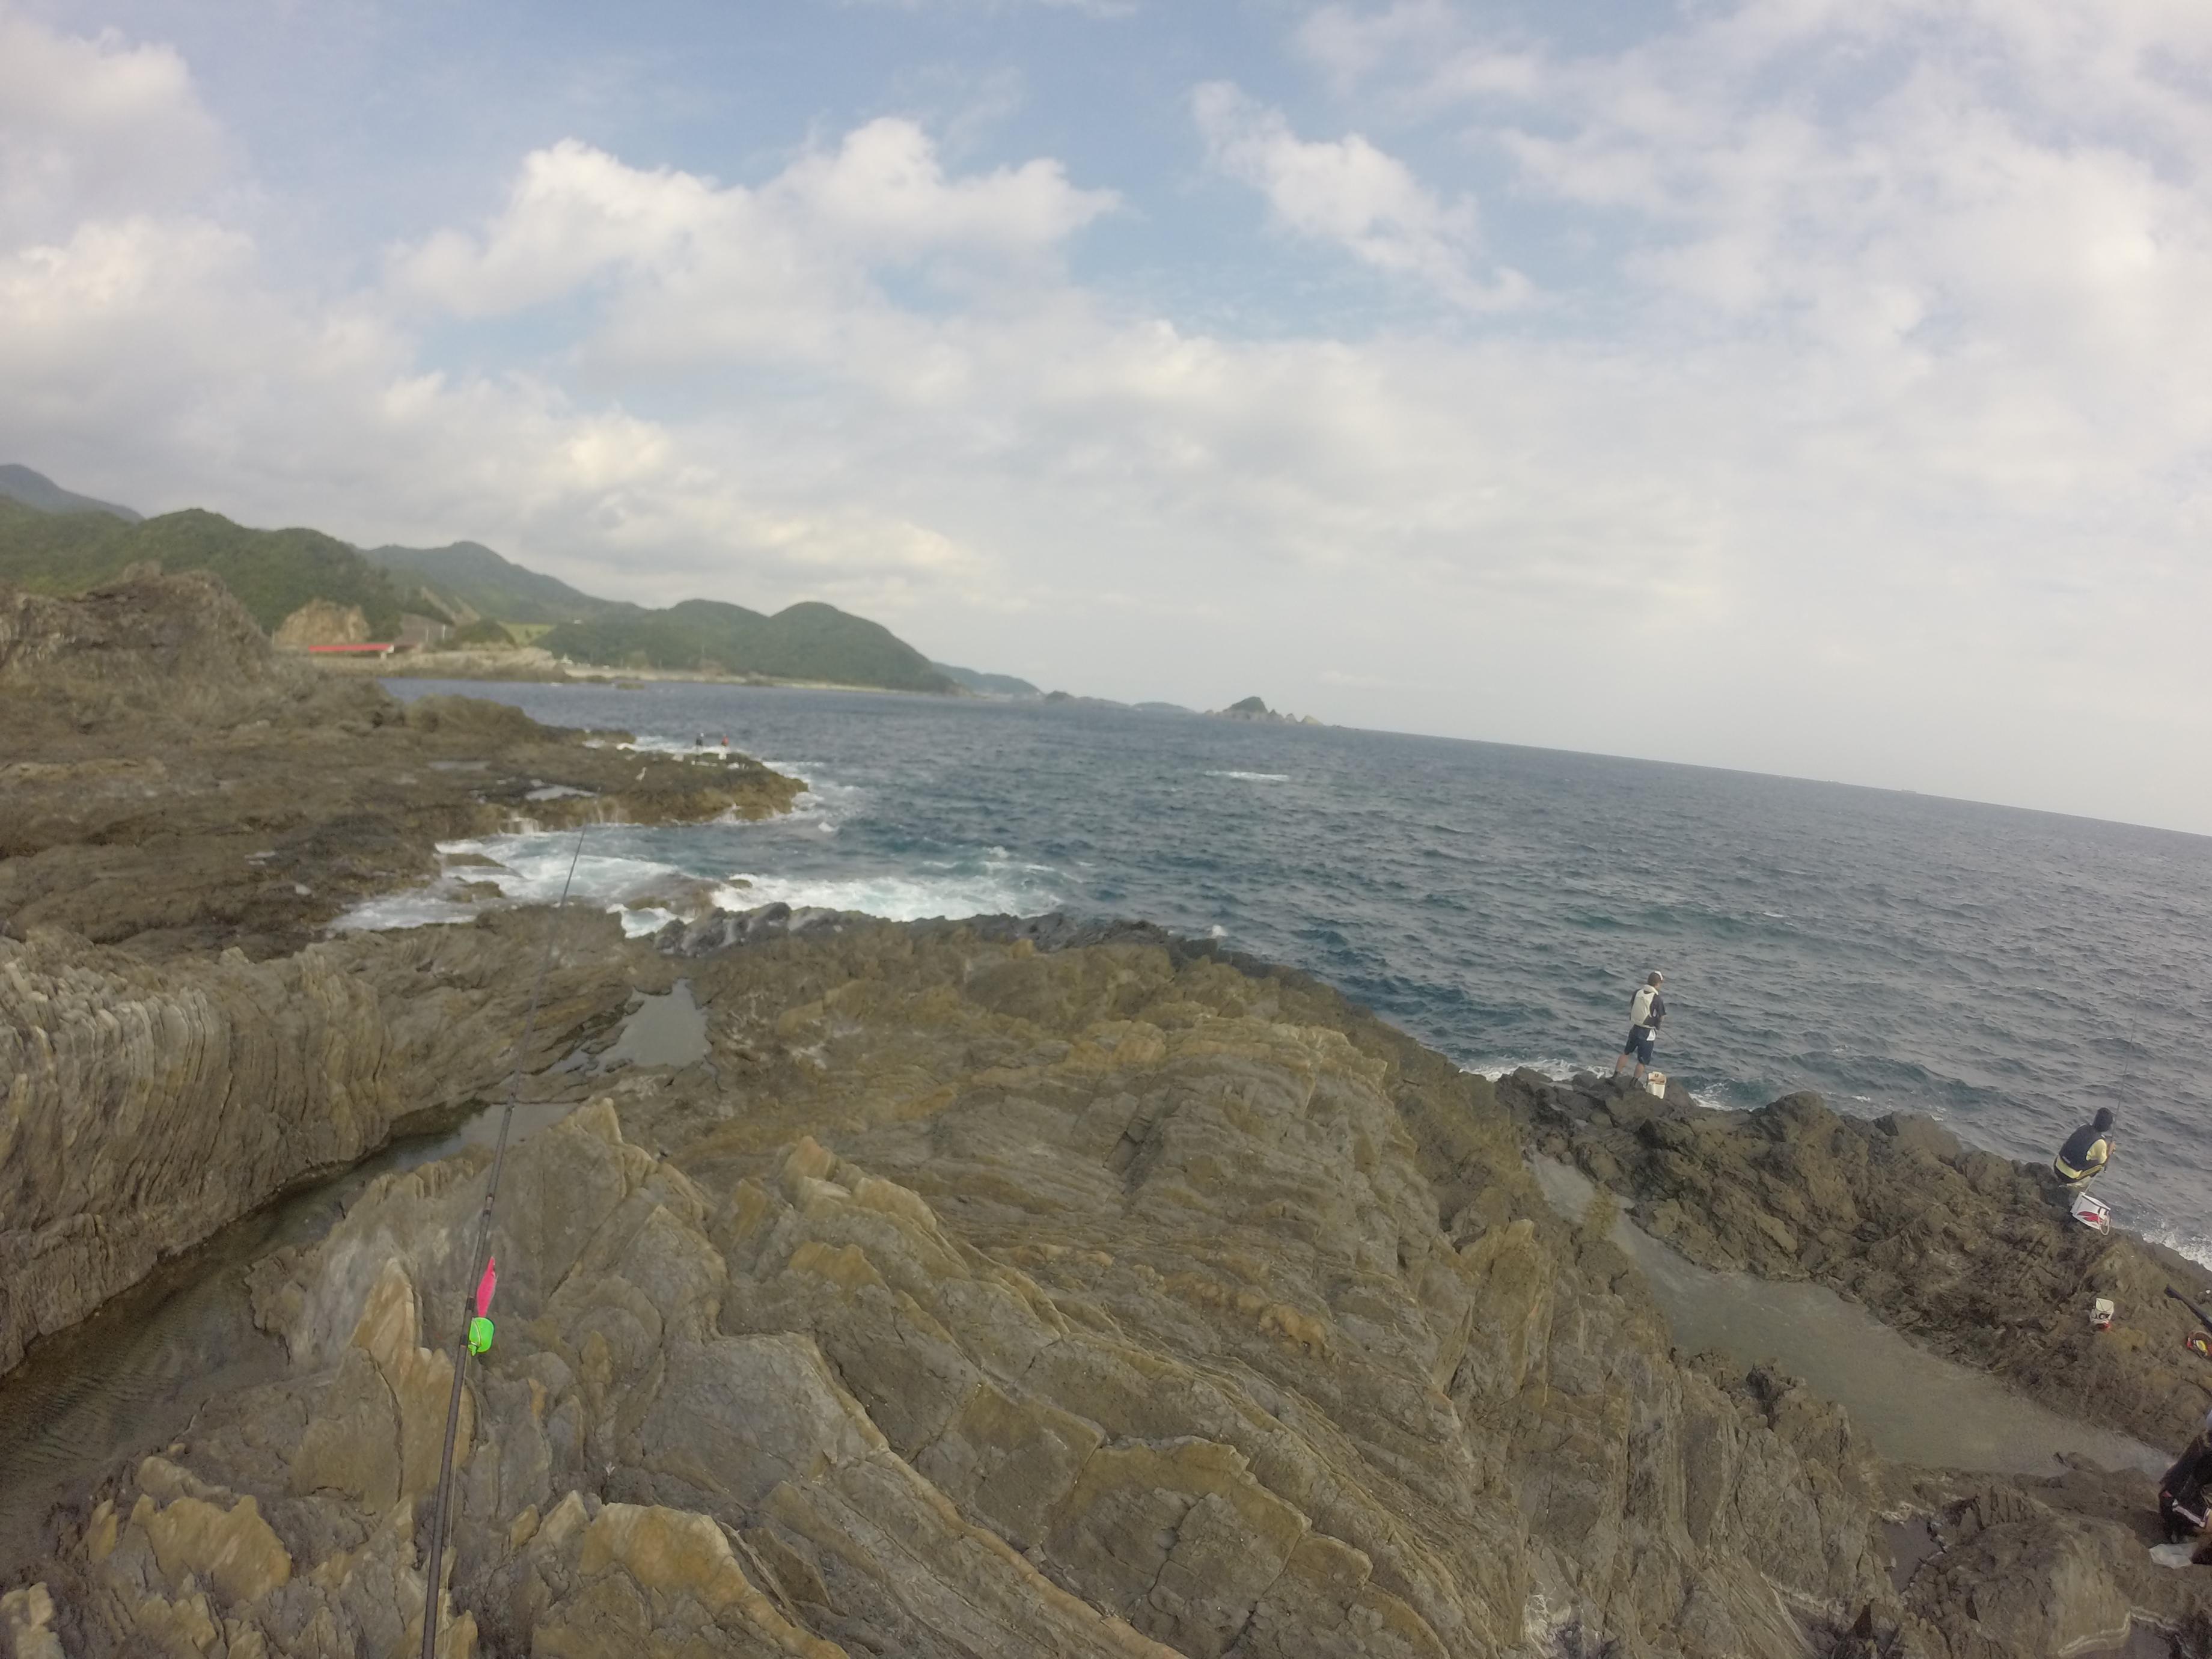 黒崎の釣り場詳細、和歌山南紀すさみの青物狙いとレッドモンスター狙いのショアジギングやエギングにオススメの一級地磯